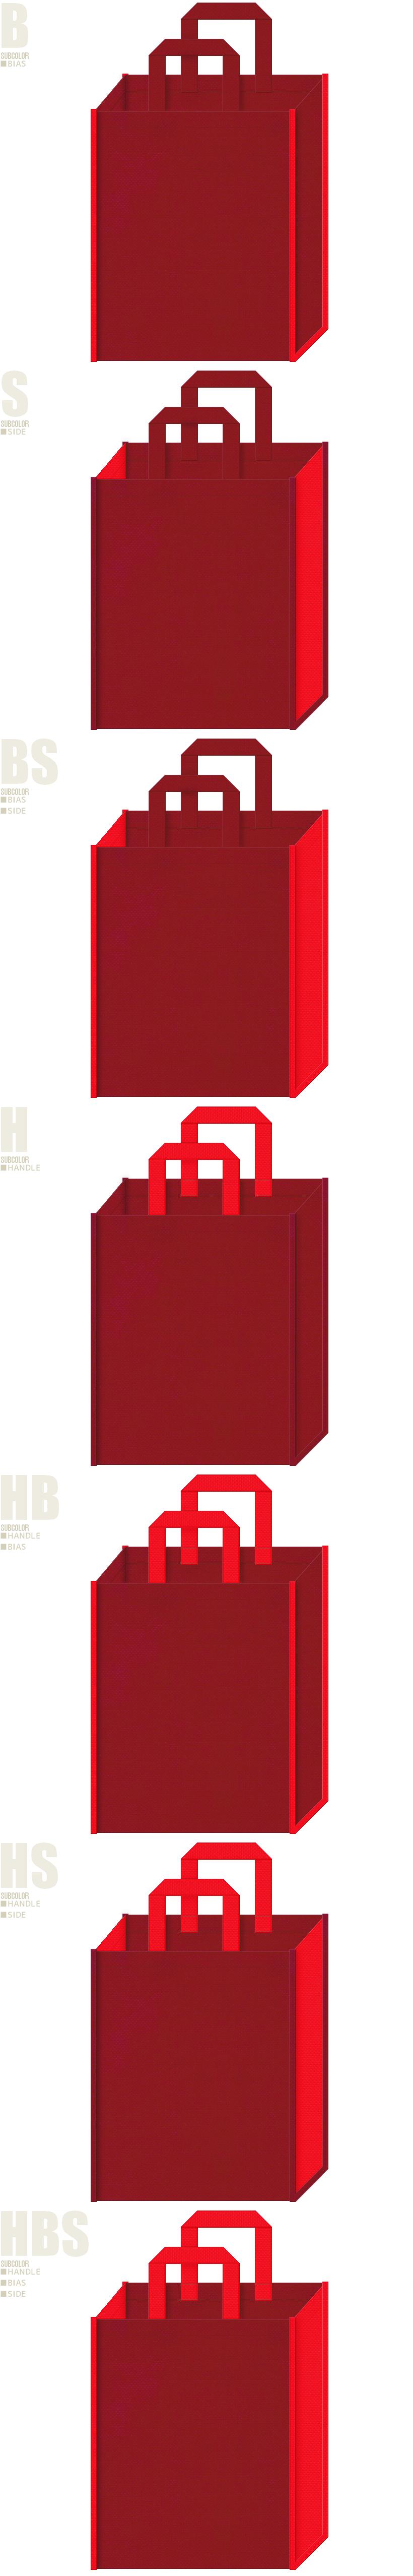 エンジ色と赤色、7パターンの不織布トートバッグ配色デザイン例。お城イベント・ゲームにお奨めです。赤備え・クリスマスのイメージにお奨めです。